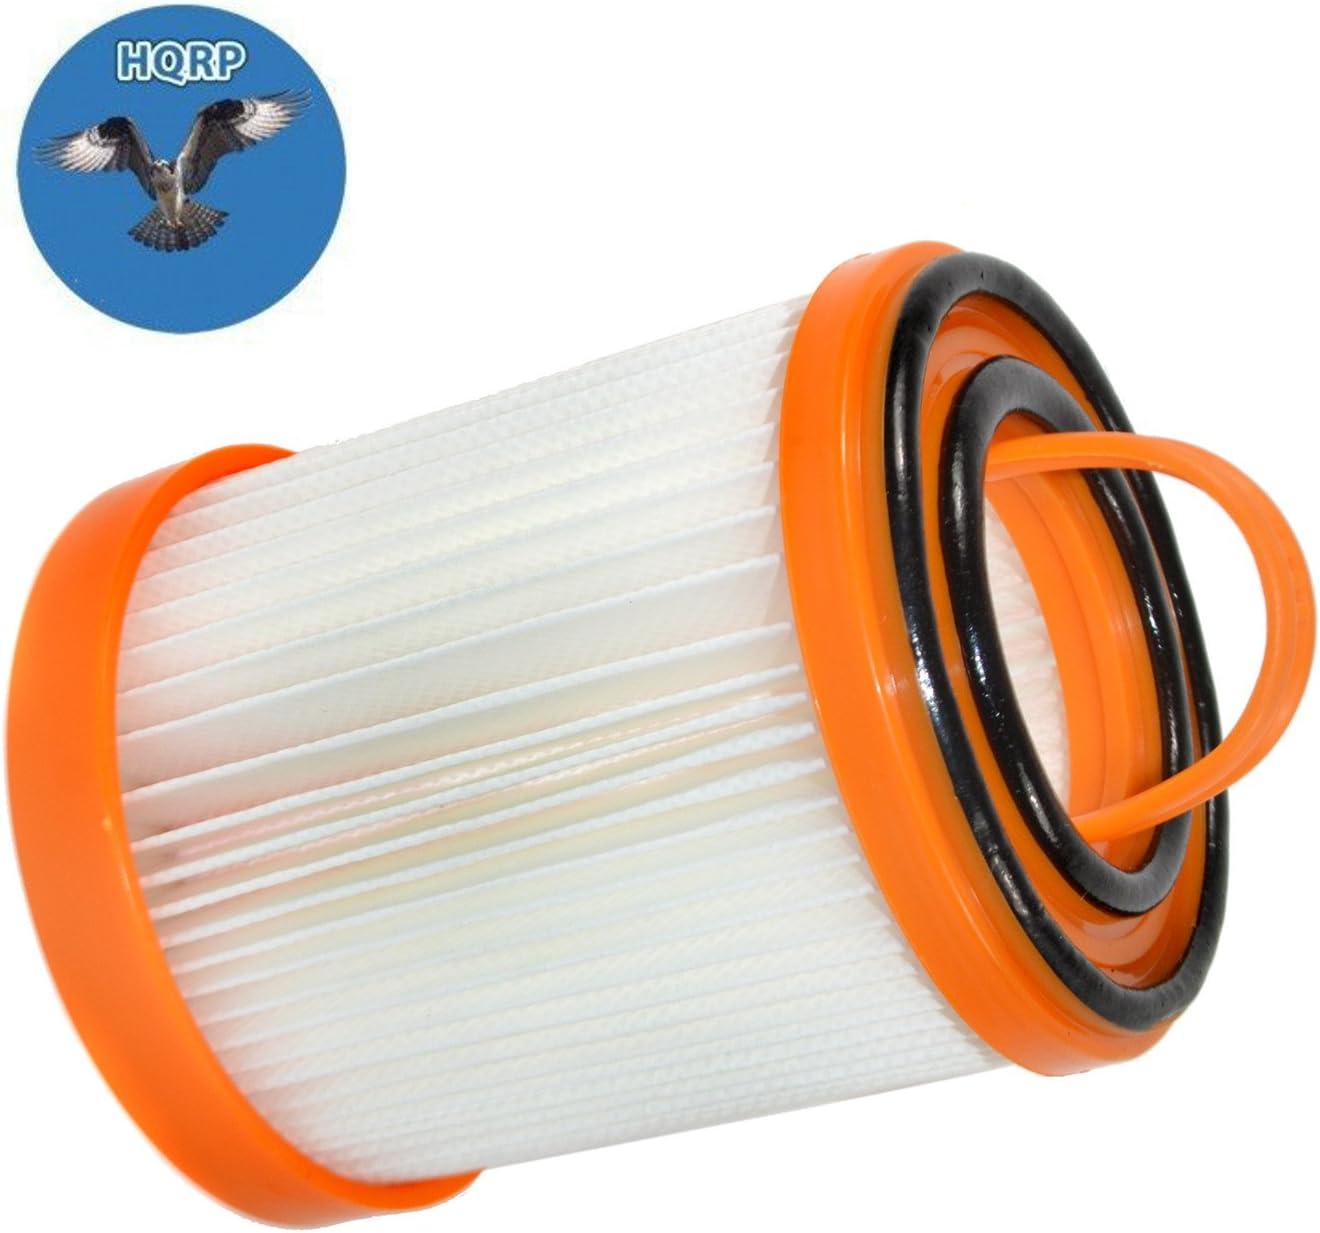 HQRP Dust Cup Filter for Eureka 5700, 5740A, 5810A, 5811A, 5812A, 5813AV, 5815AV, 5856, 5857, 5859ASZ, 5860AVH, 5860AVZ, 5860BVZ Litespeed Whirlwind Bagless Vacuum Cleaners Coaster